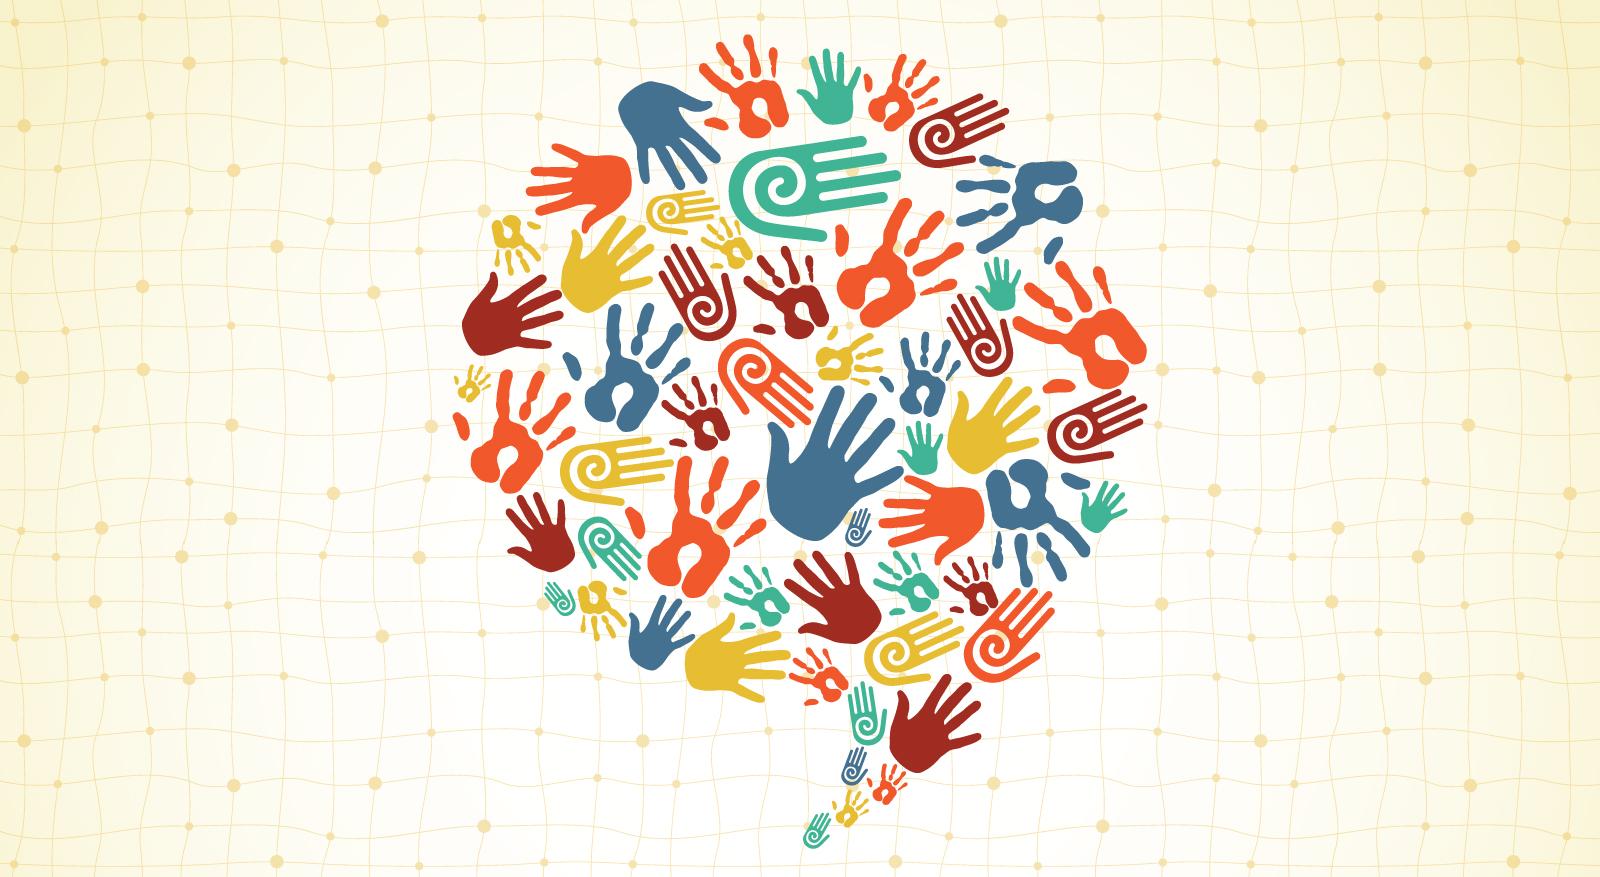 چگونه استراتژیهای تاثیر اجتماعی میتوانند جهان را نجات دهند